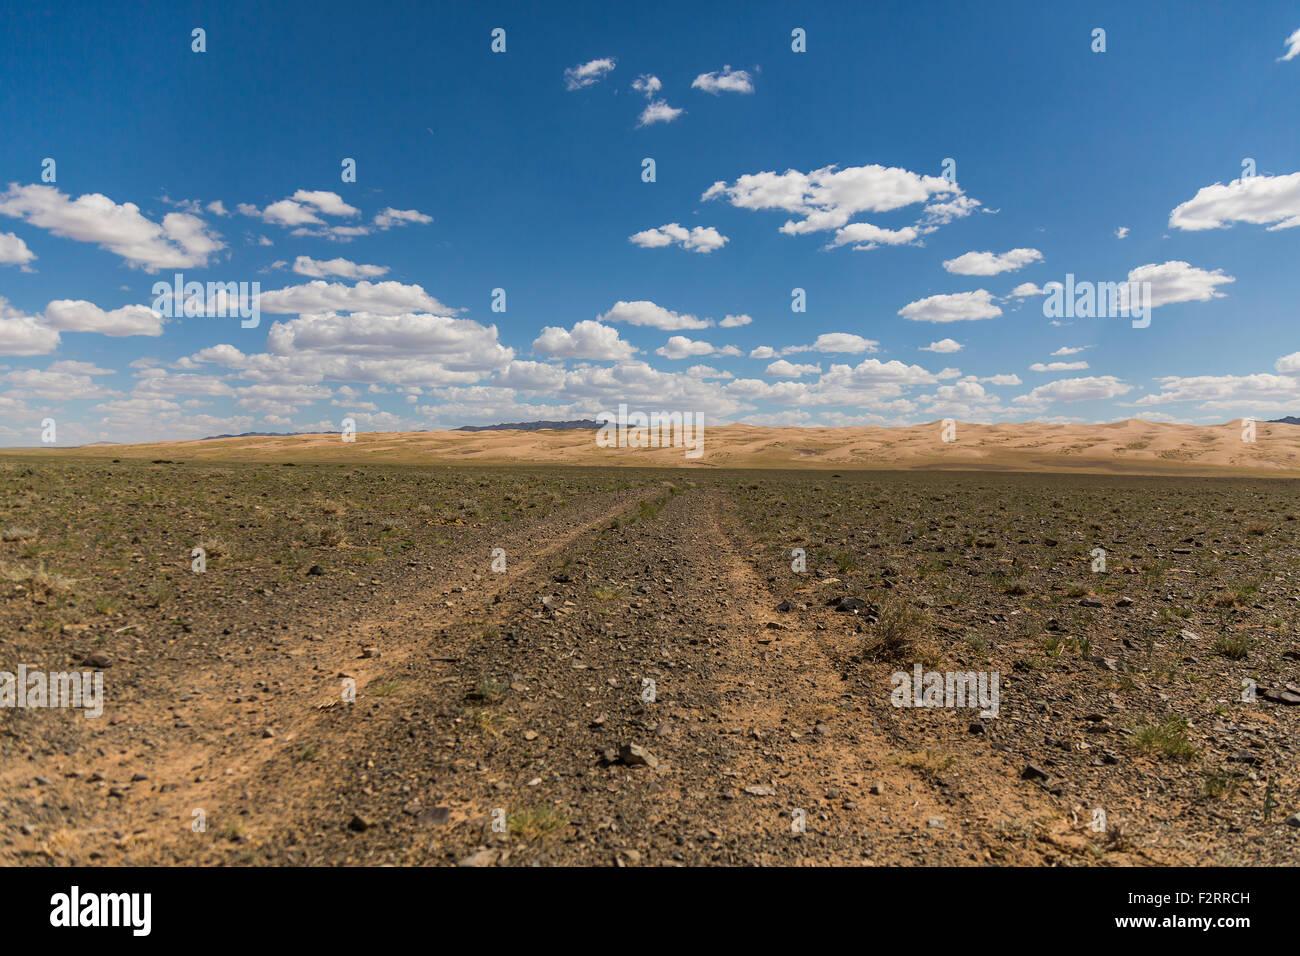 Gobi Desert Road - Stock Image